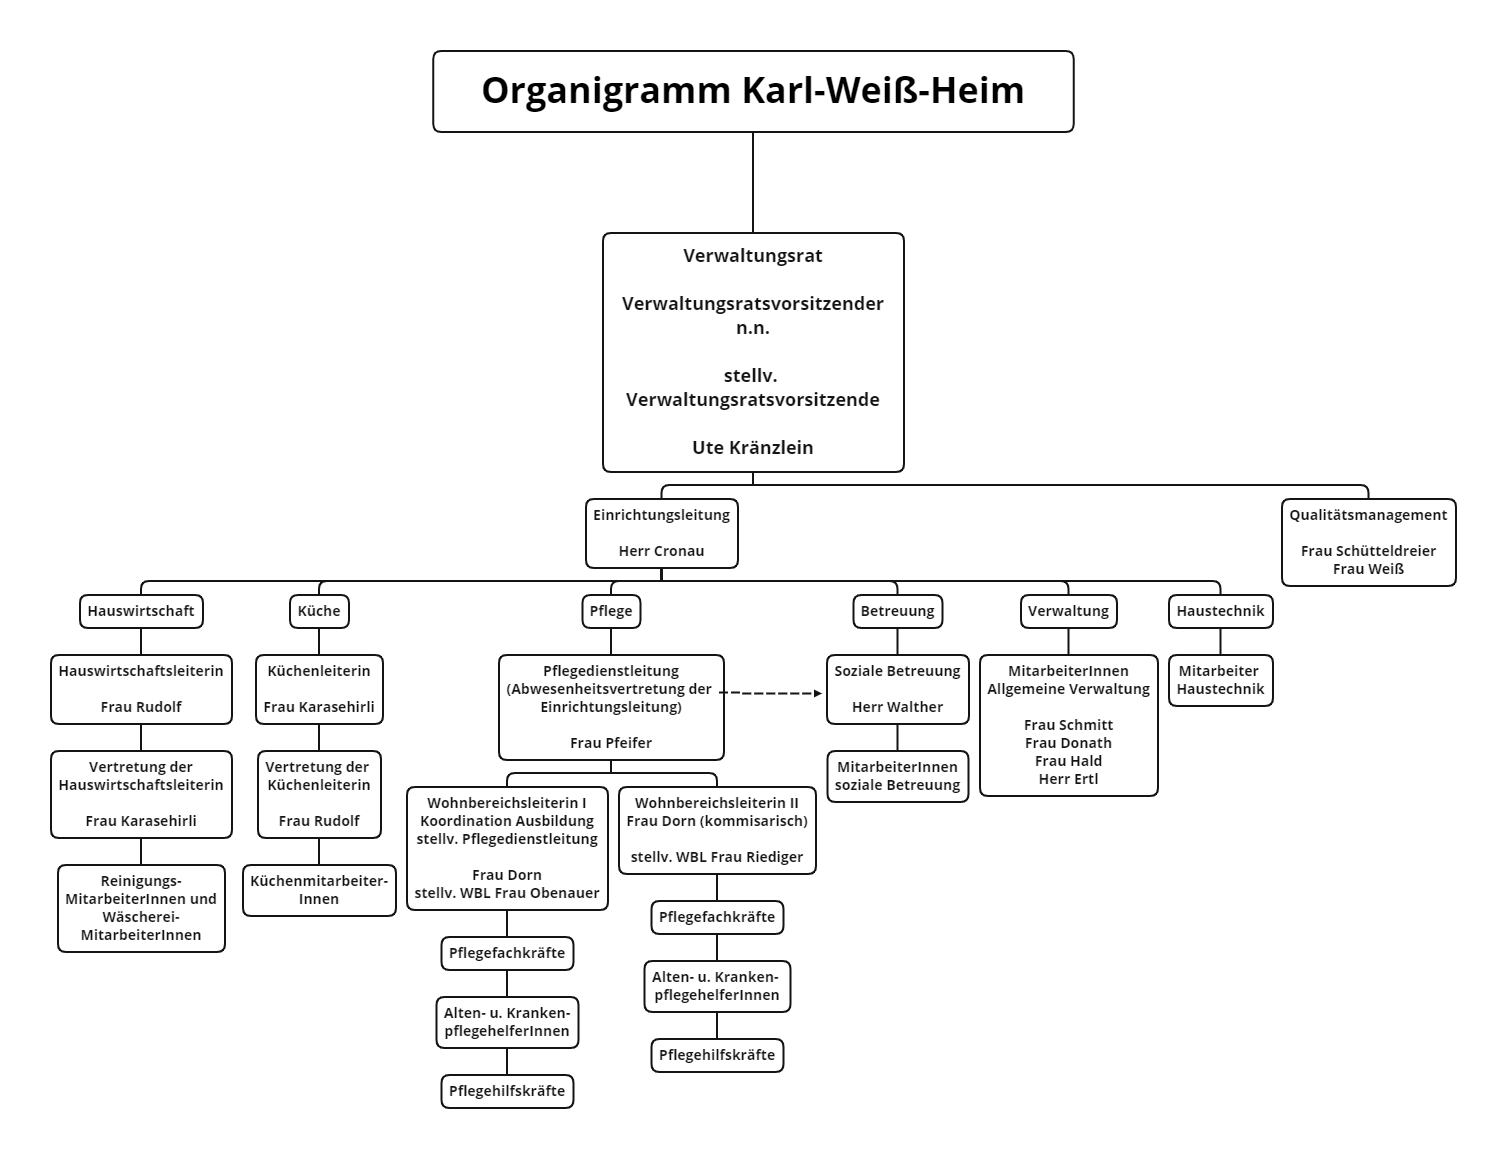 Ein Organigramm